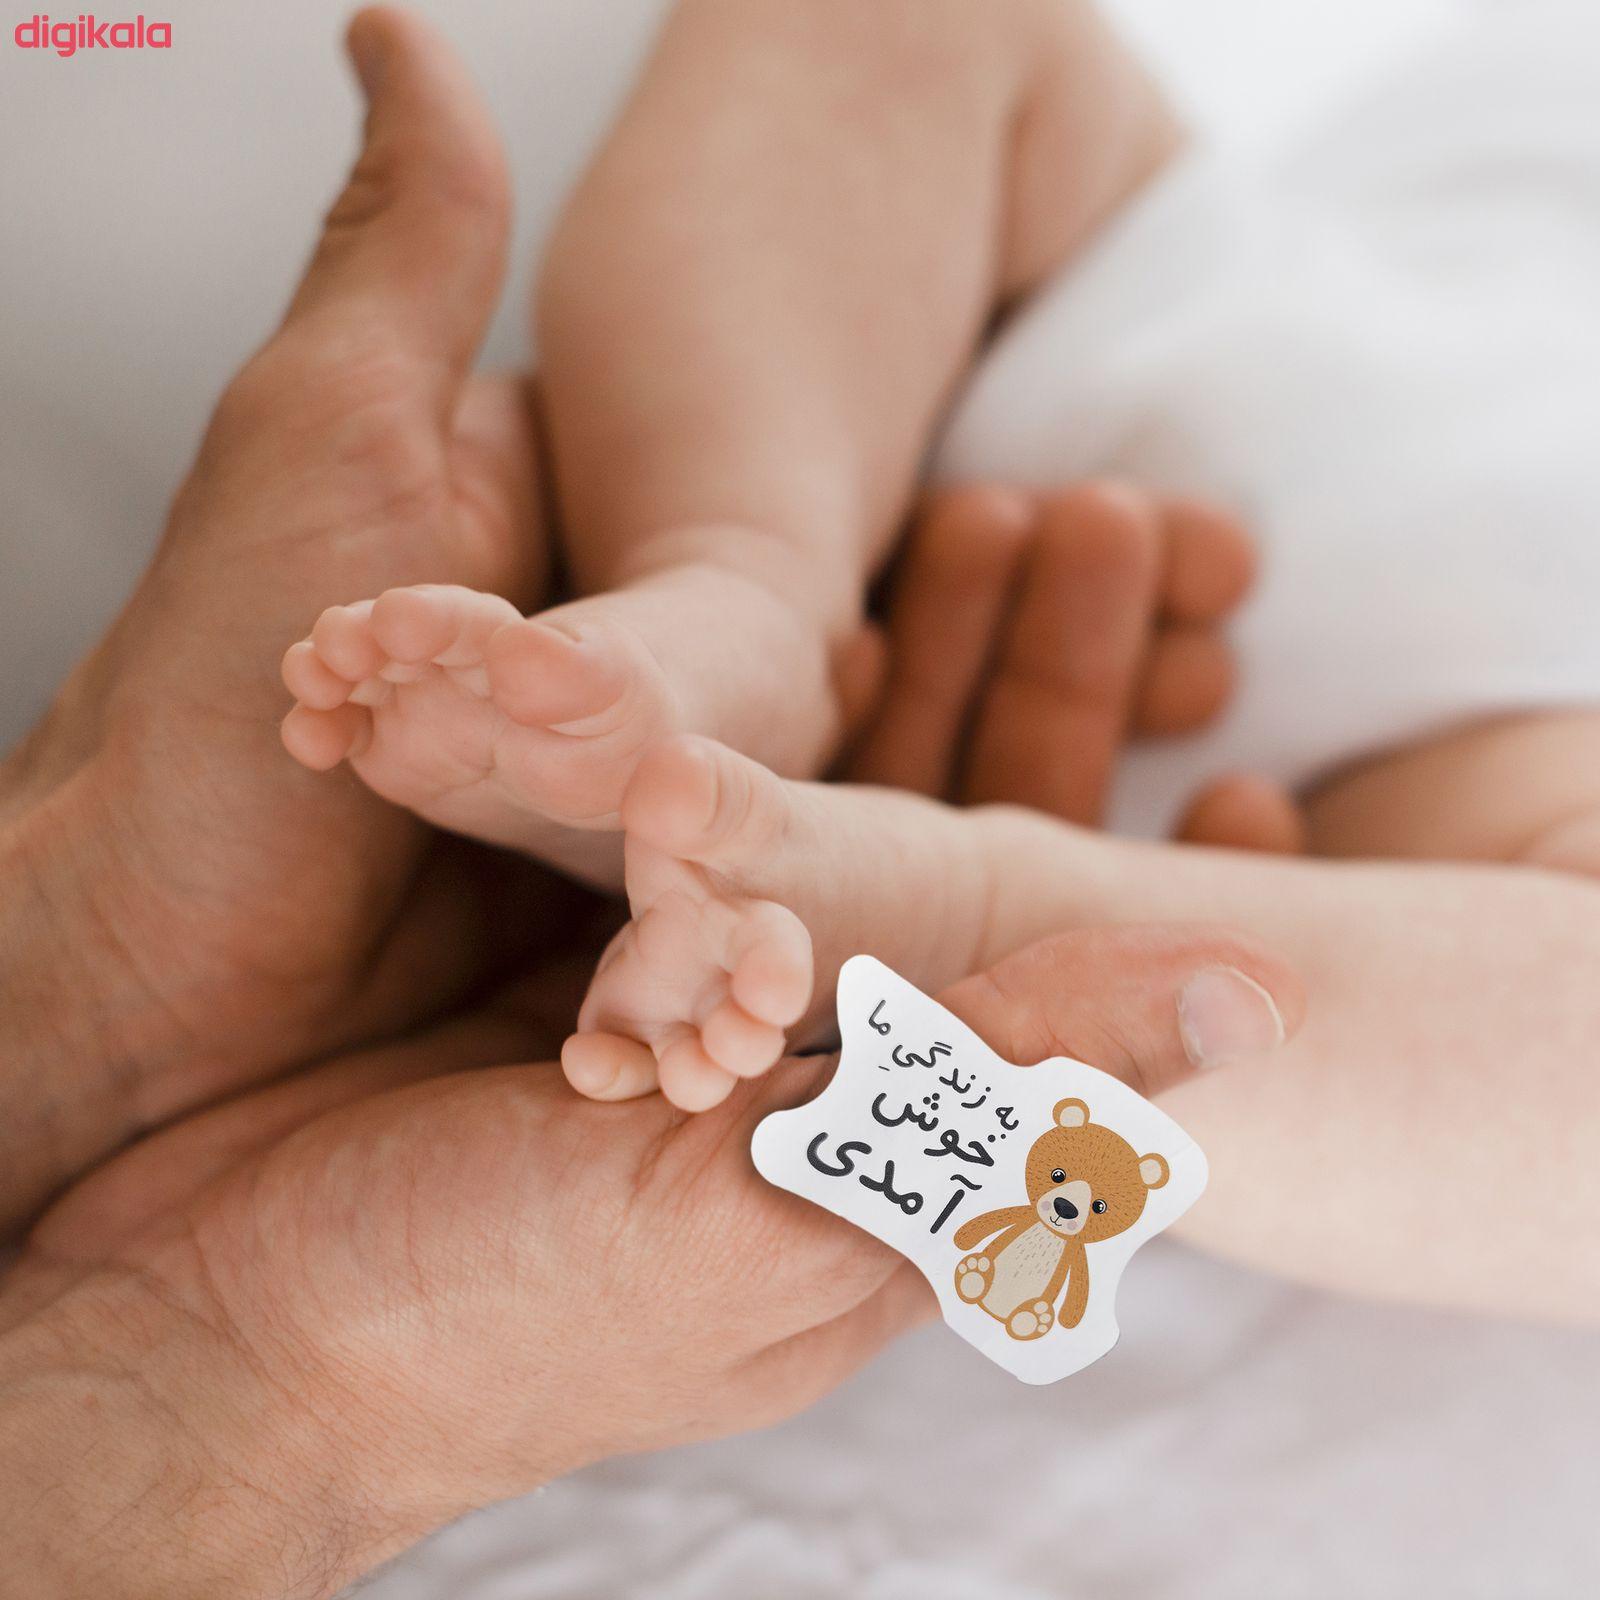 دفتر برنامه ریزی دی روحه مدل مادر که می شوم main 1 9